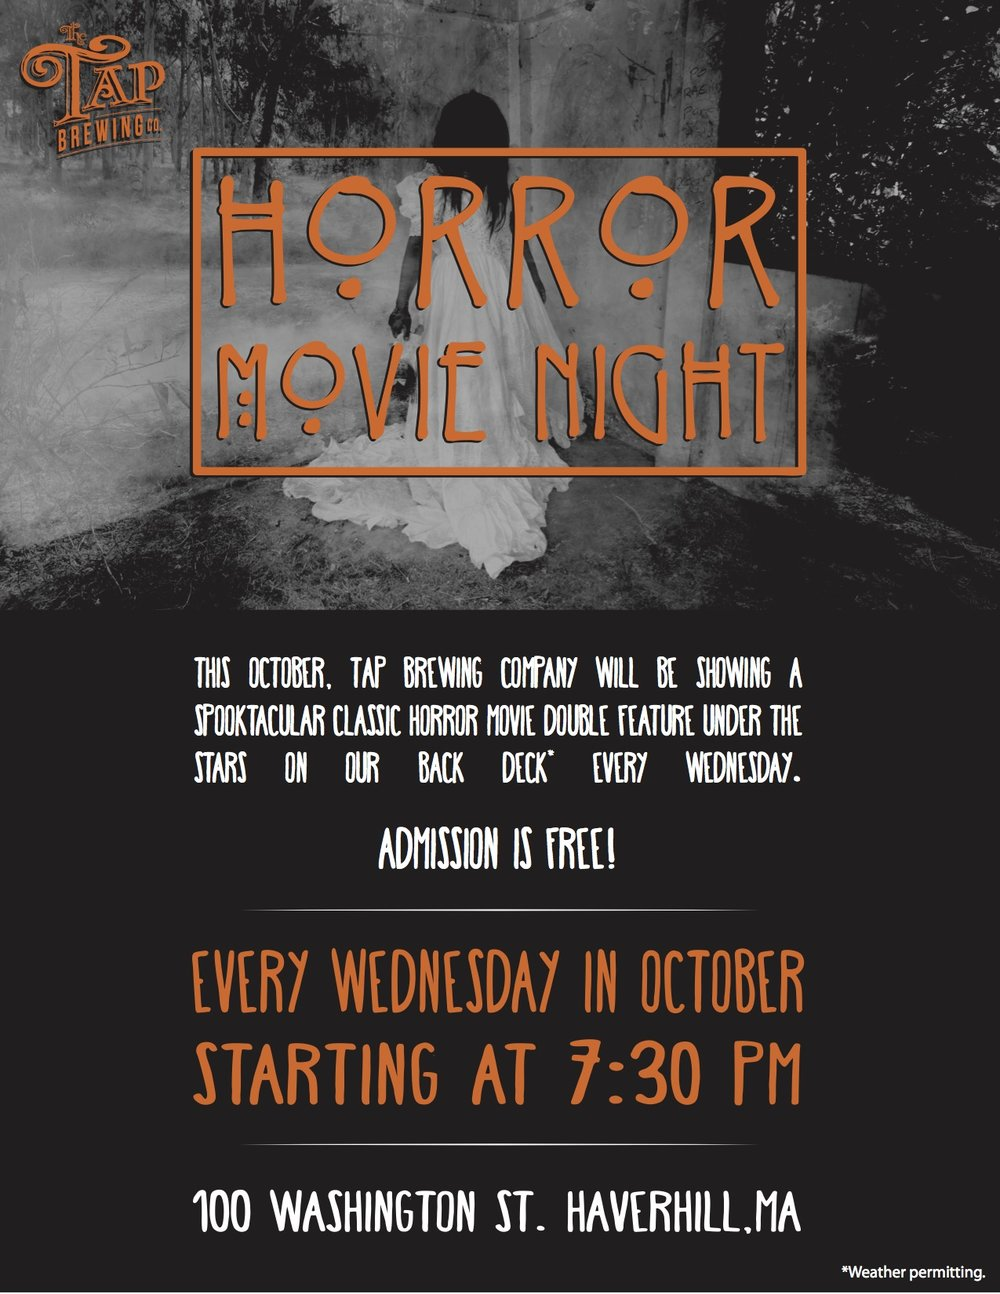 HorrorMovienight.jpg